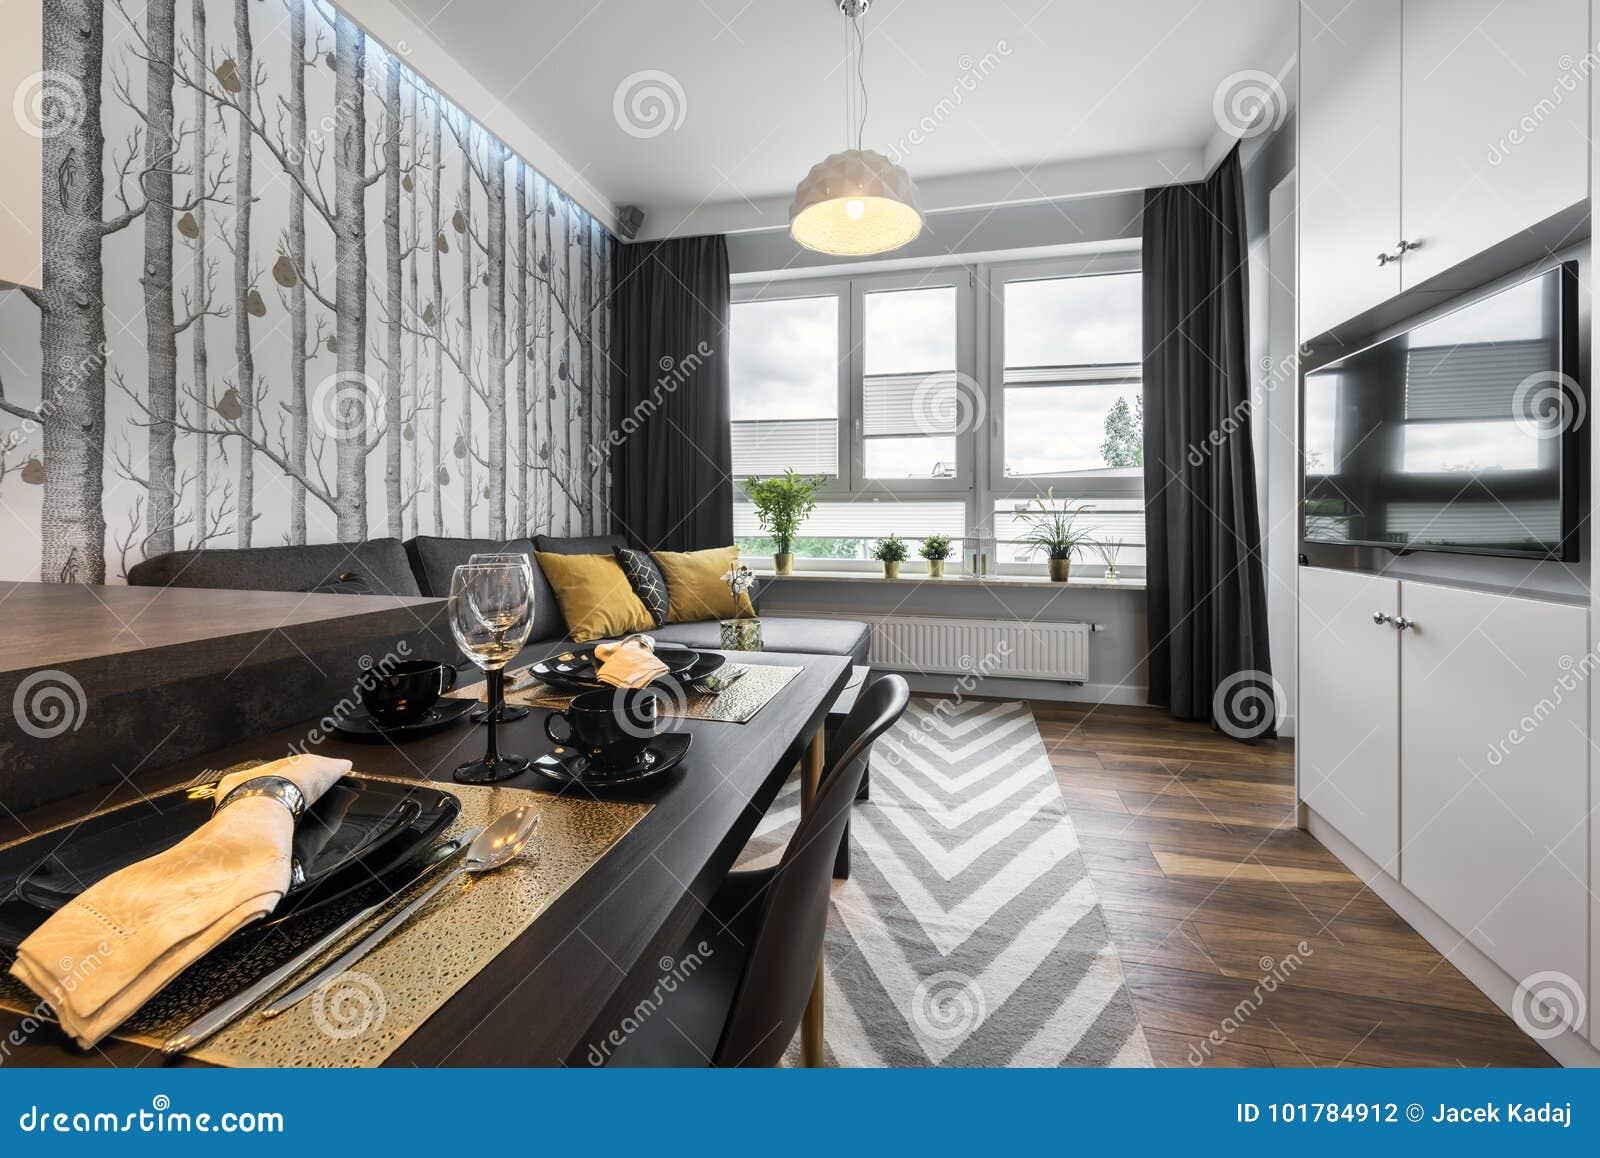 Modernes kleines wohnzimmer der innenarchitektur stockfoto for Moderne innenarchitektur wohnzimmer